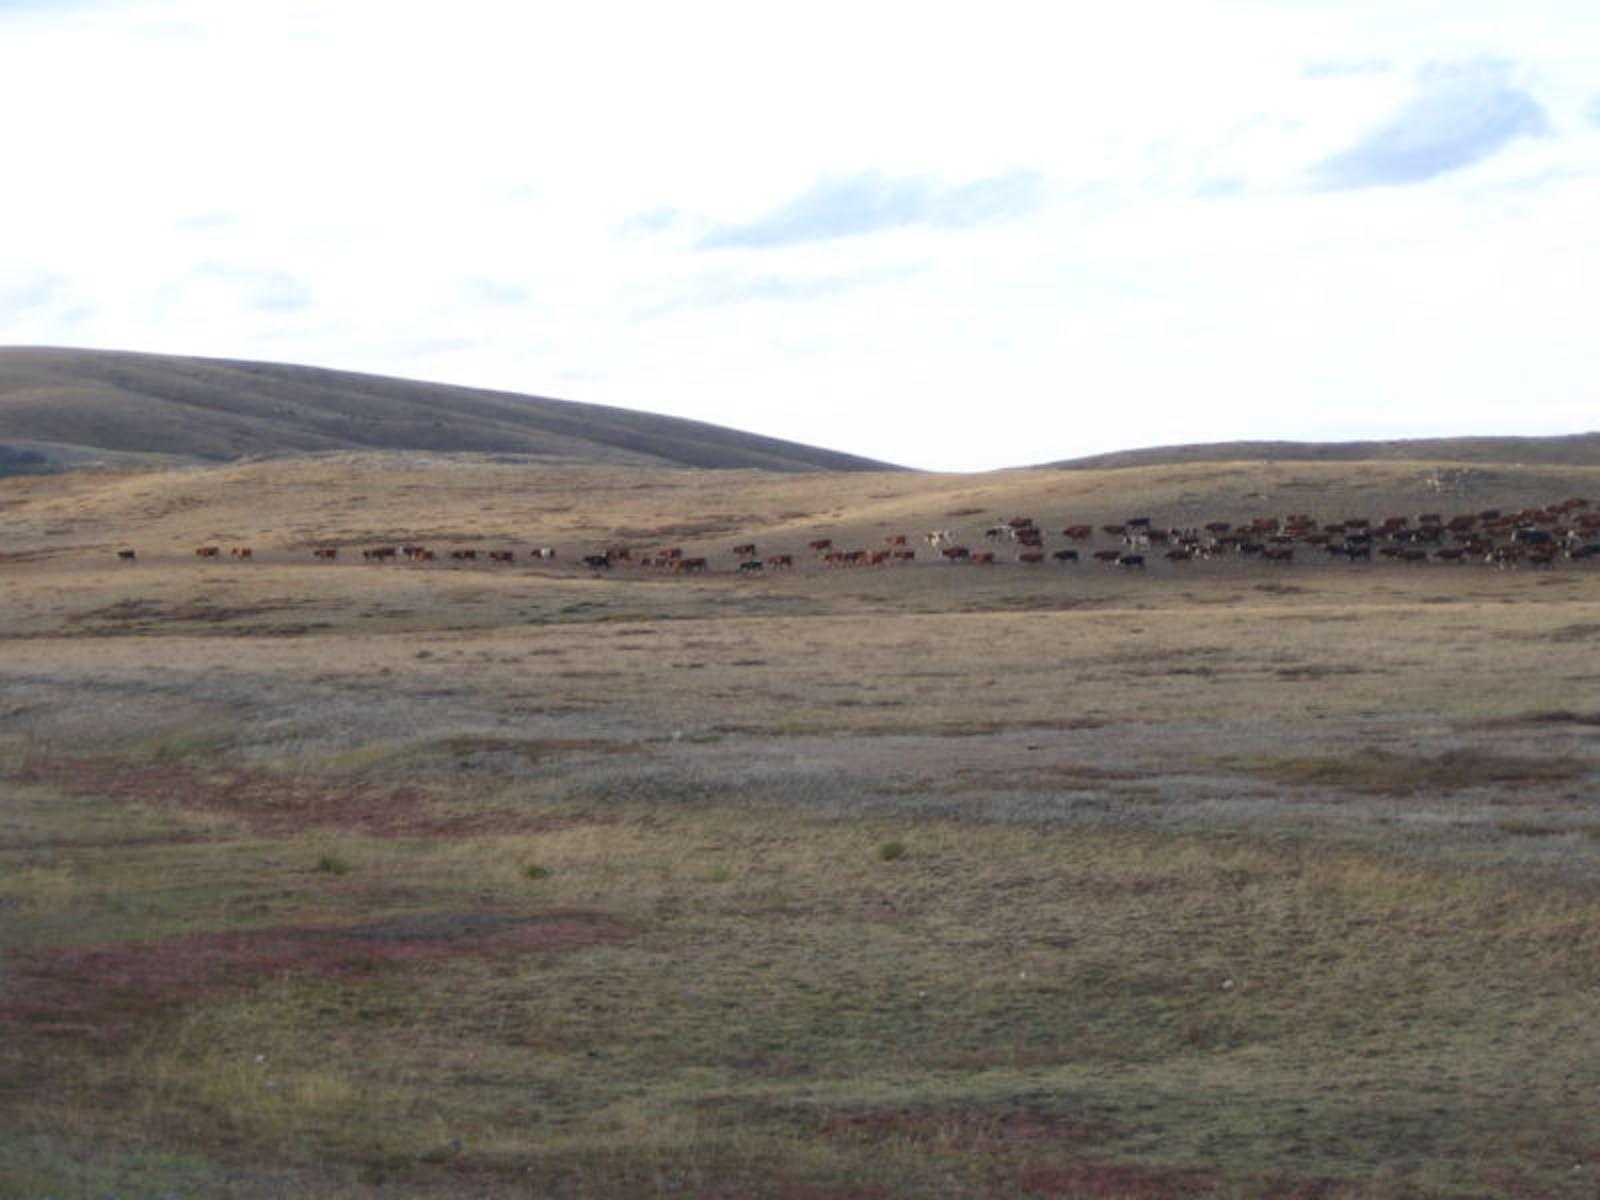 Kazakh Upland Steppe